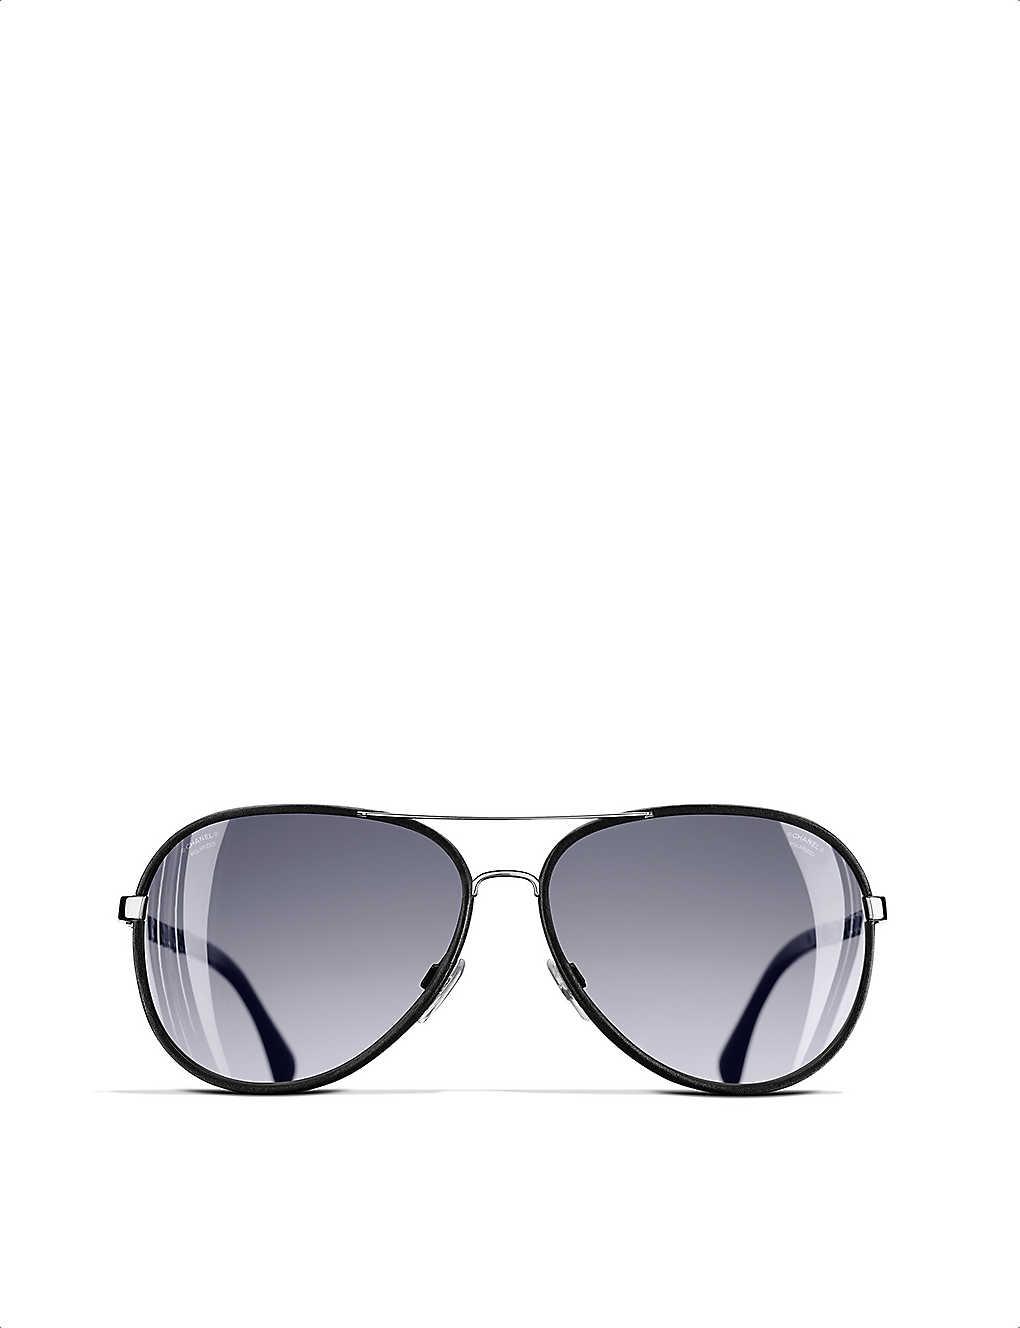 45c61faa0f44 CHANEL - Pilot sunglasses | Selfridges.com